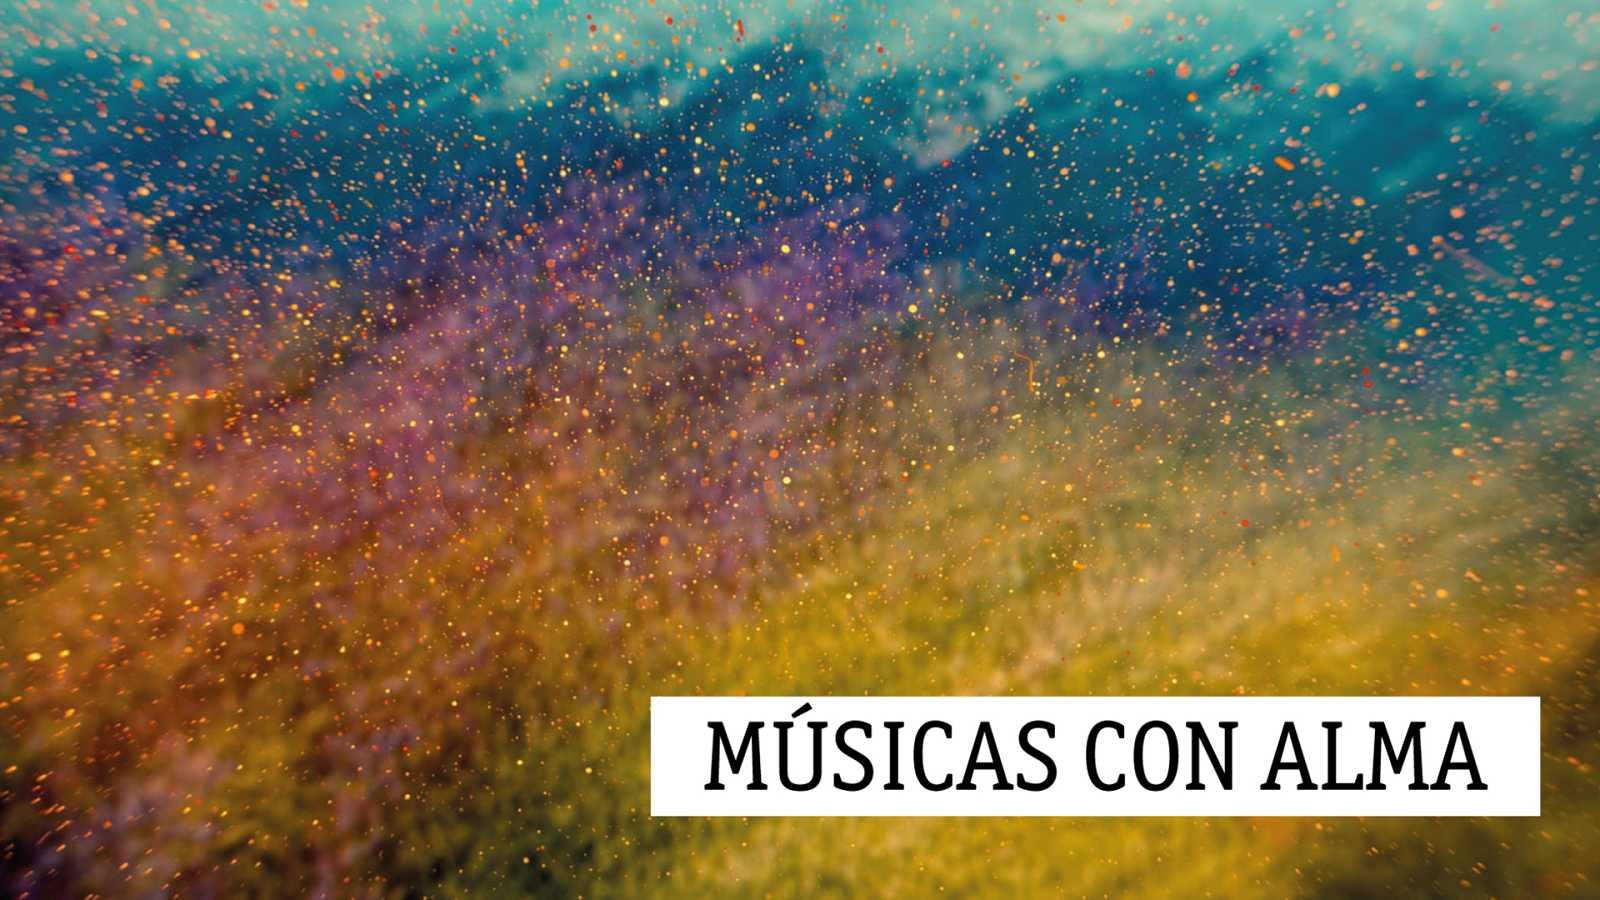 Músicas con alma - El fuego que no cesa - 09/06/21 - escuchar ahora